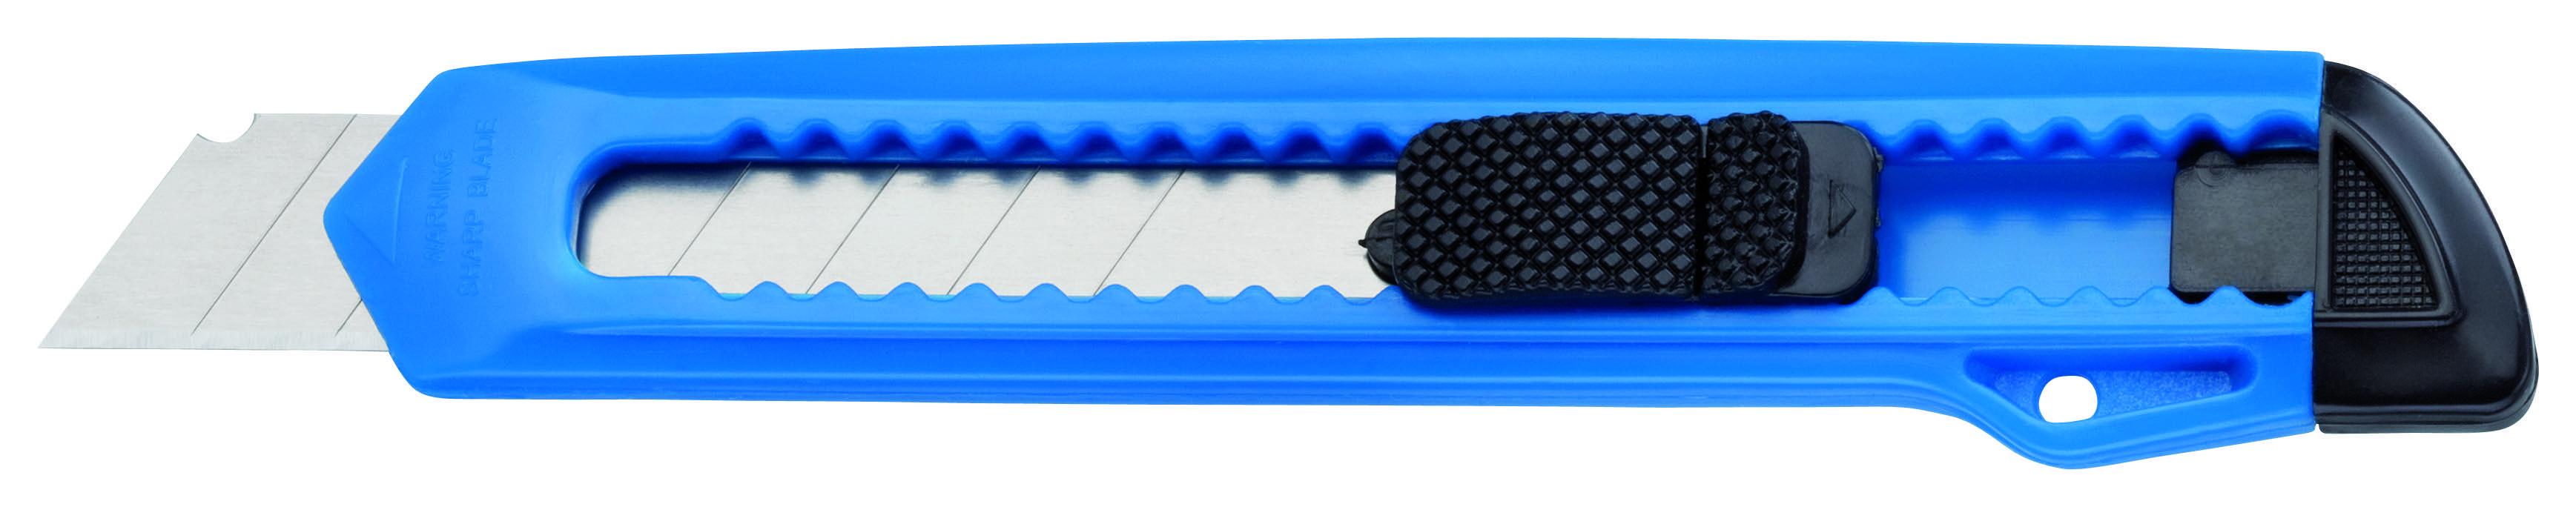 STORCH Abbrechmesser breit, blau